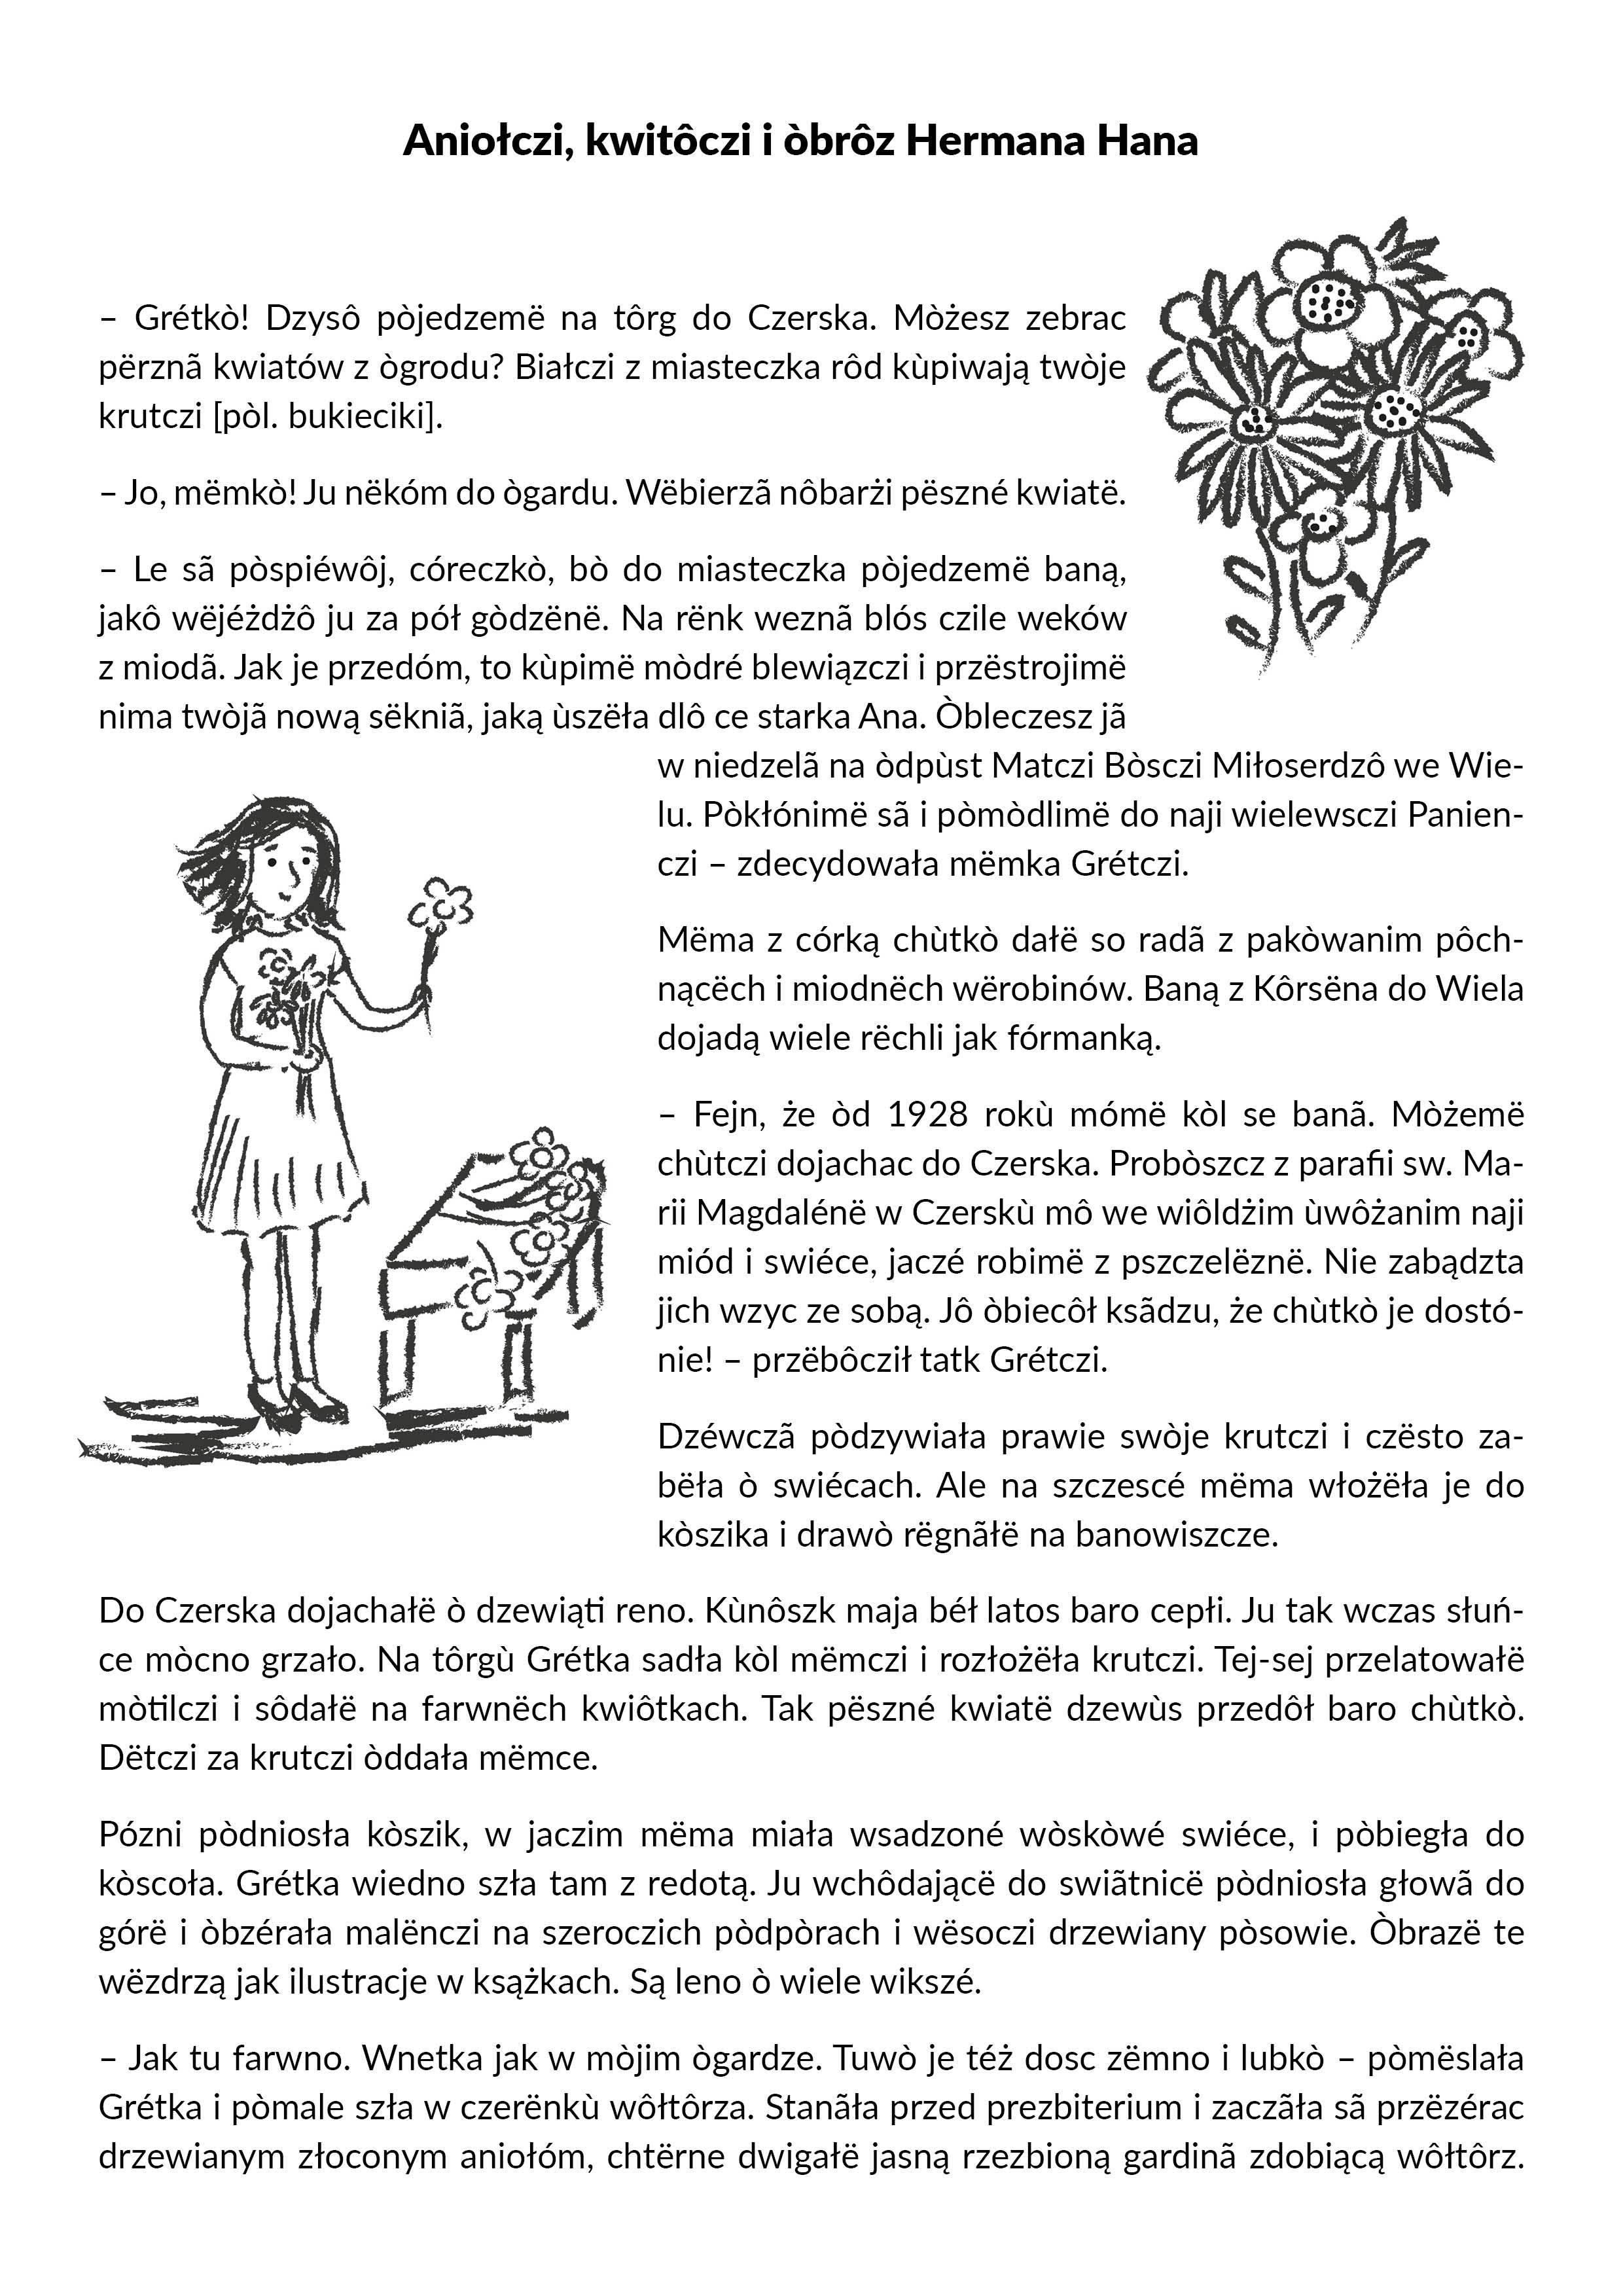 strona opowiadania w języku kaszubskim o Hermanie Hanie w Czersku